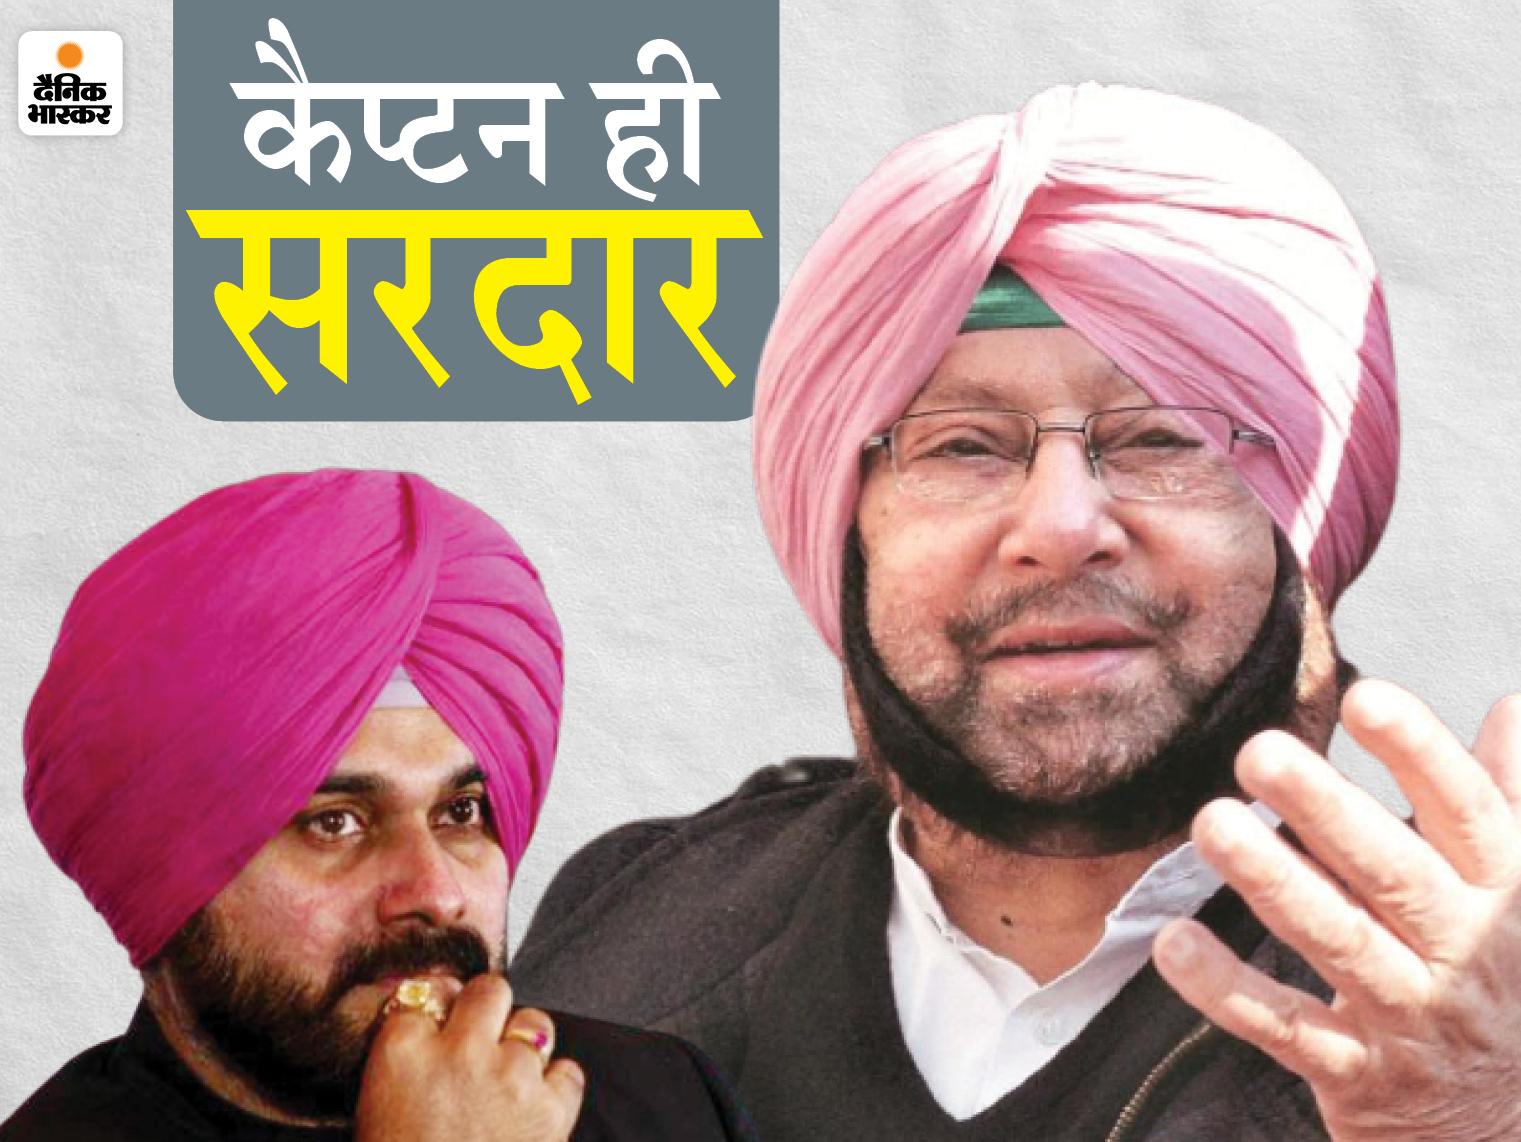 सिद्धू पंजाब कांग्रेस के अध्यक्ष होंगे, लेकिन कैप्टन की मर्जी से बनेंगे 2 कार्यकारी अध्यक्ष; कैबिनेट विस्तार में भी फ्री हैंड|पंजाब,Punjab - Dainik Bhaskar